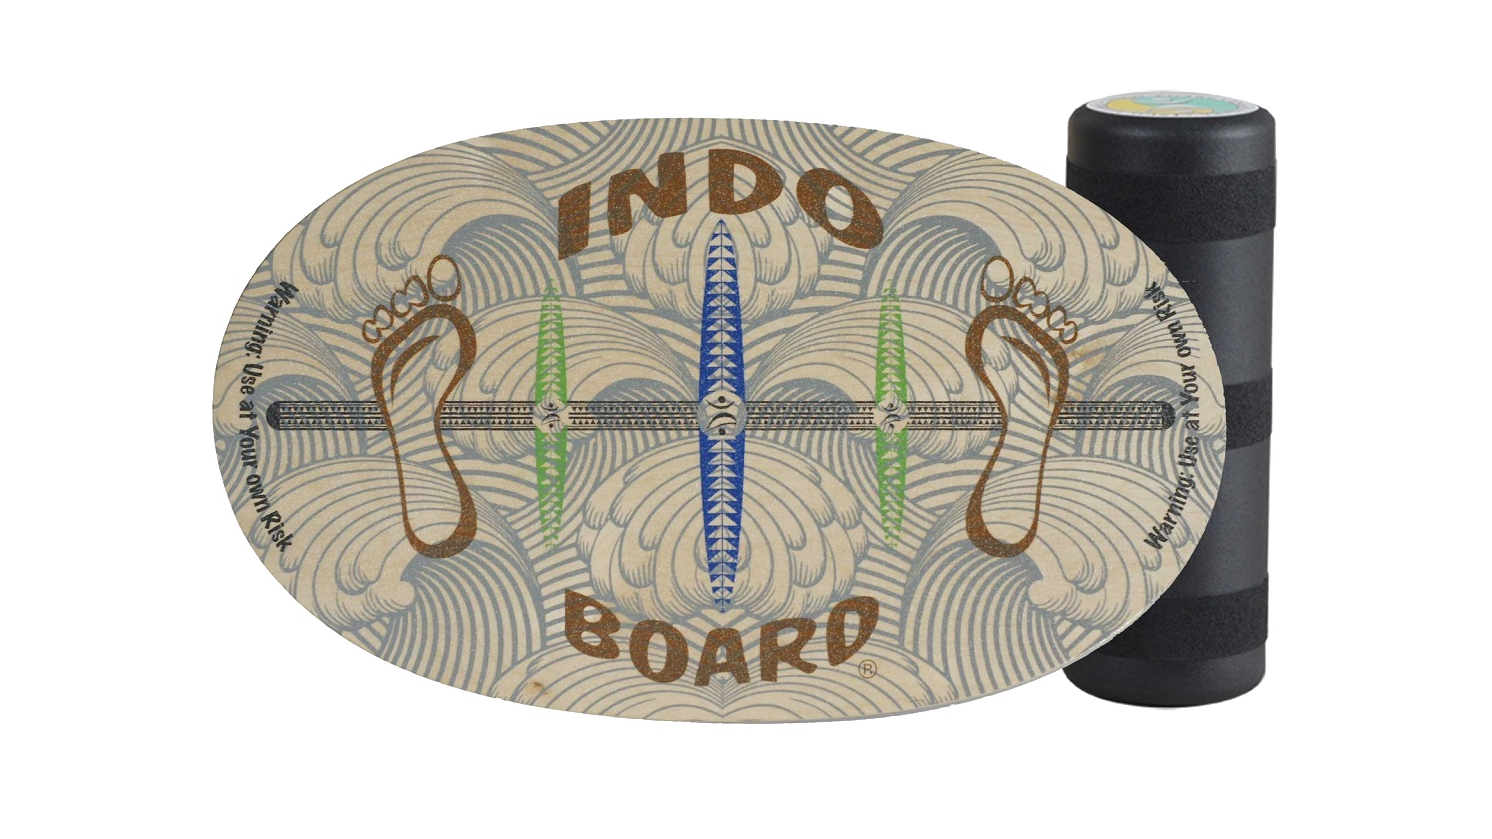 Indo Board - original-barafoot copy